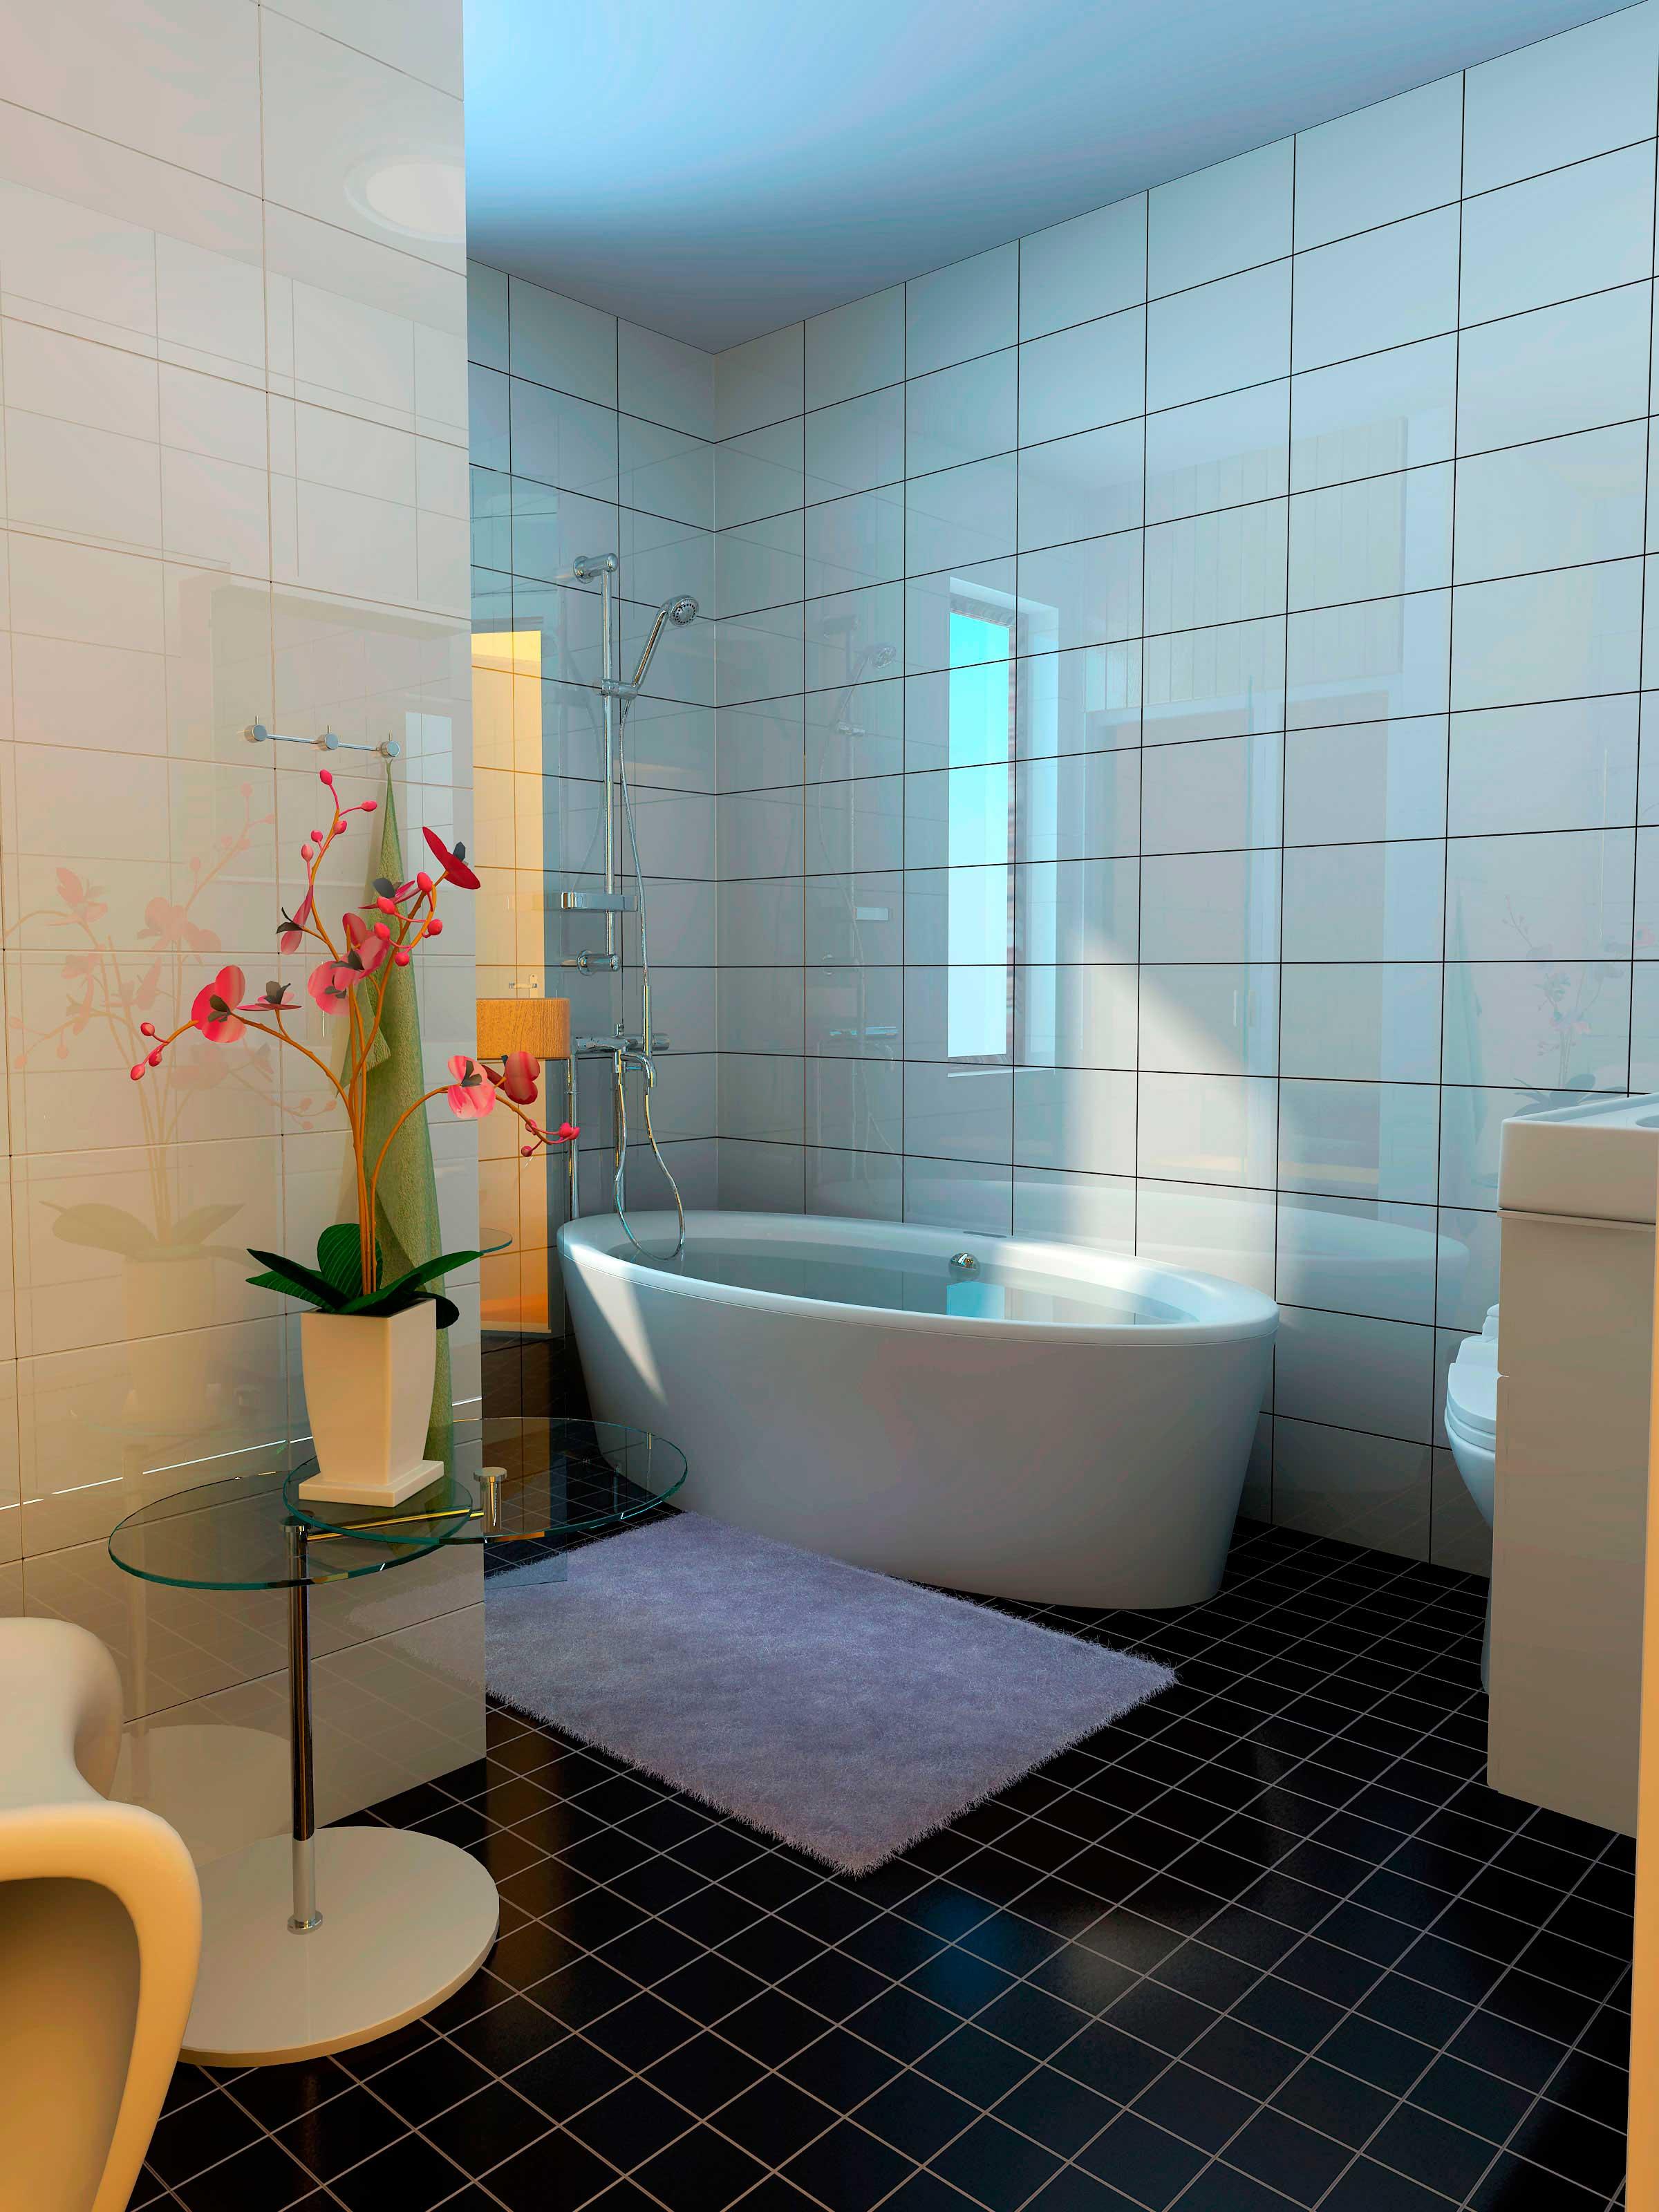 zyok888] 室内外设计作品展示区 → 小小的卫生间   此主题相关图片如